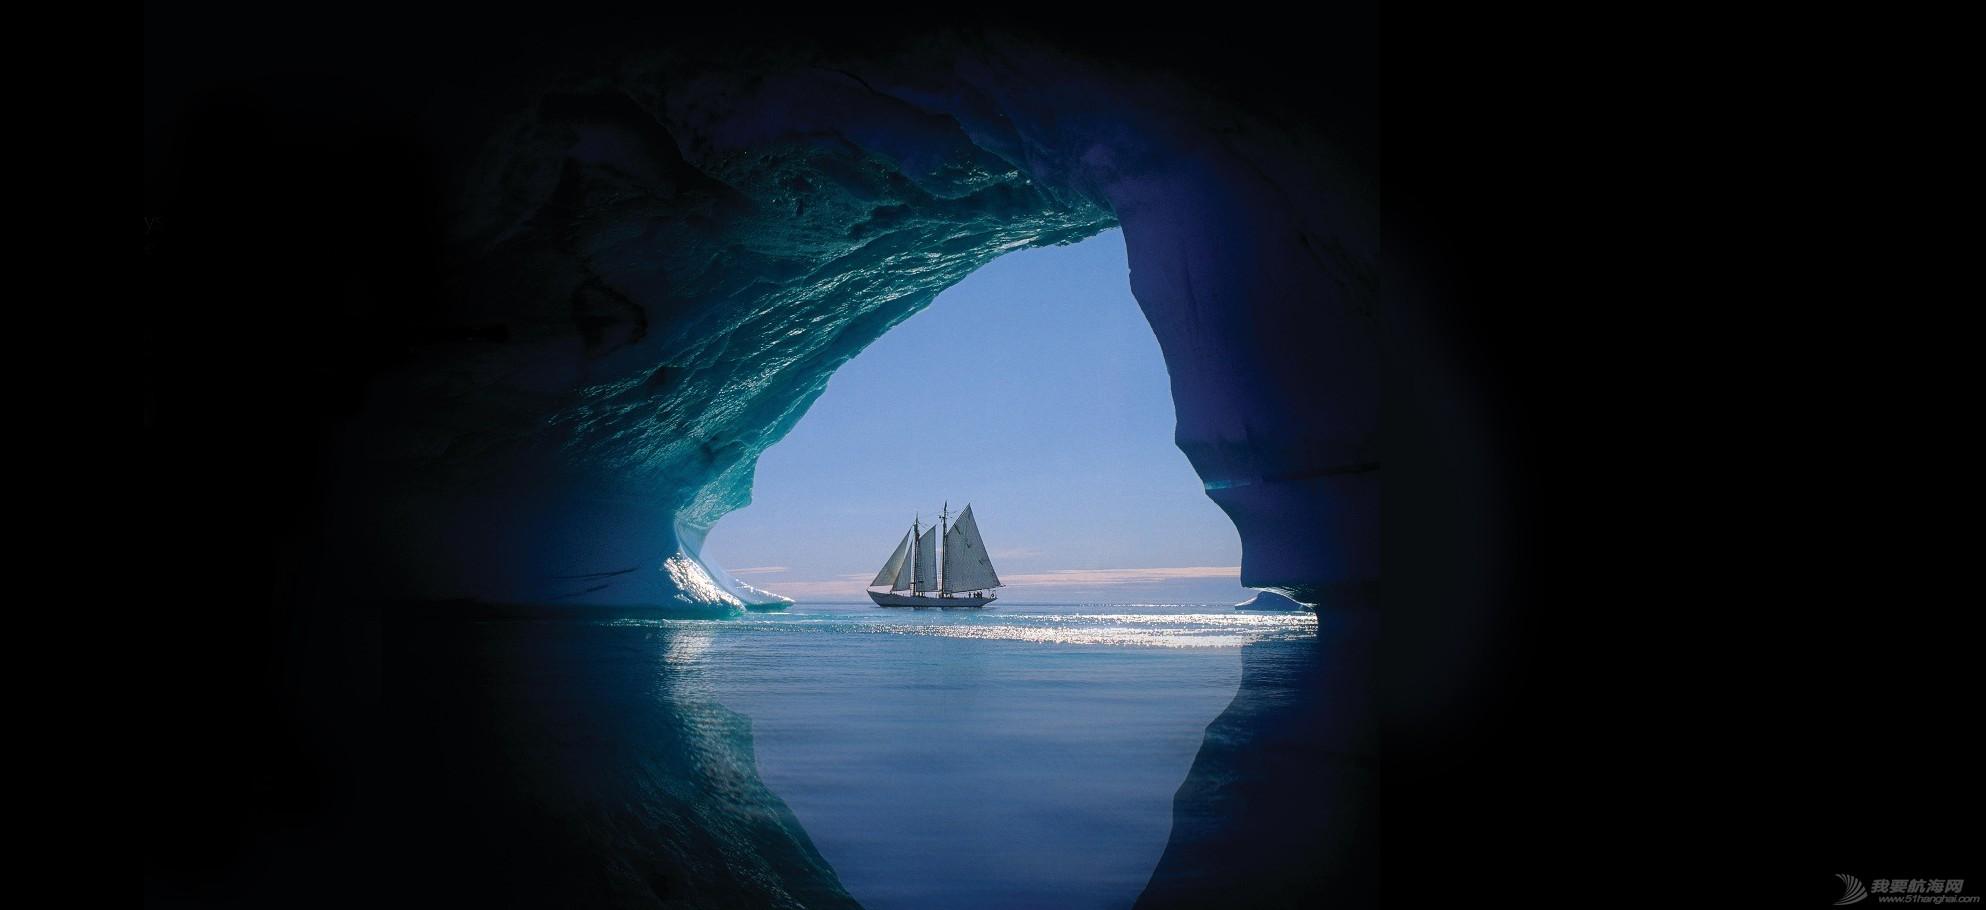 福建惠安,周游世界,奥运会,可能性,北京 航海去吧,大海能给你力量 冰洞帆船大.JPG